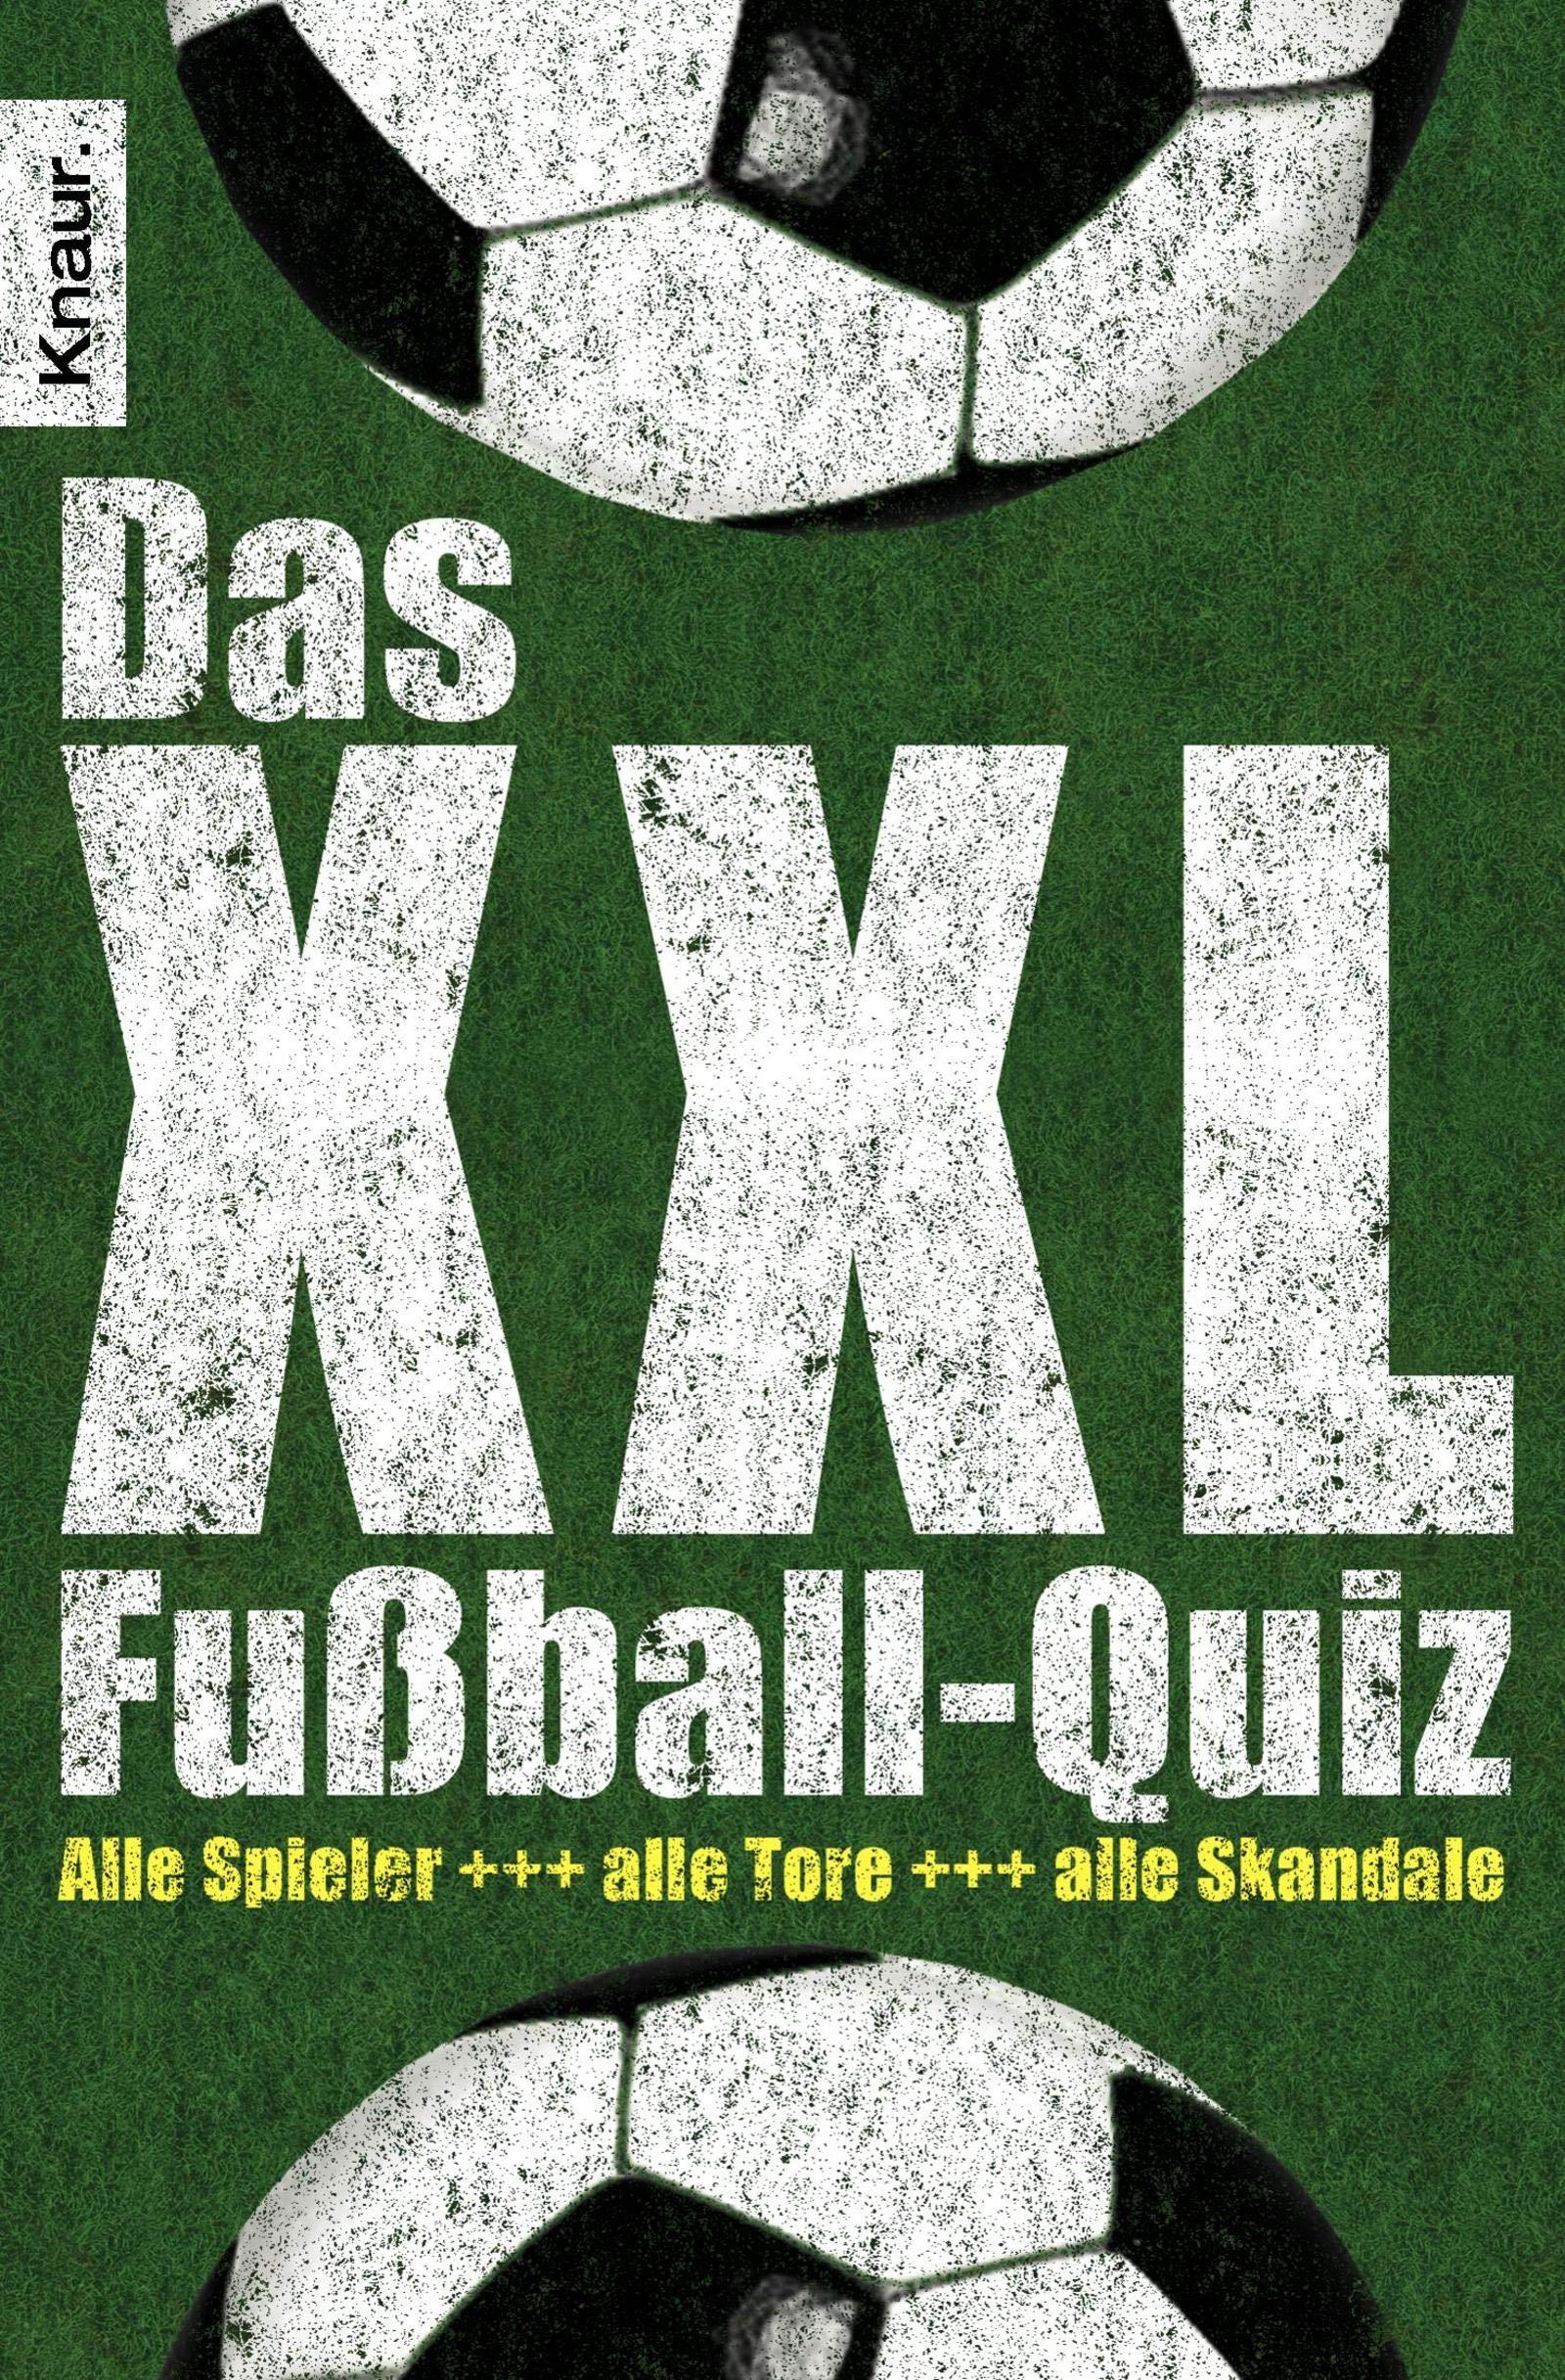 Das Xxl Fussball Quiz Alle Spieler Alle Tore Alle Skandale